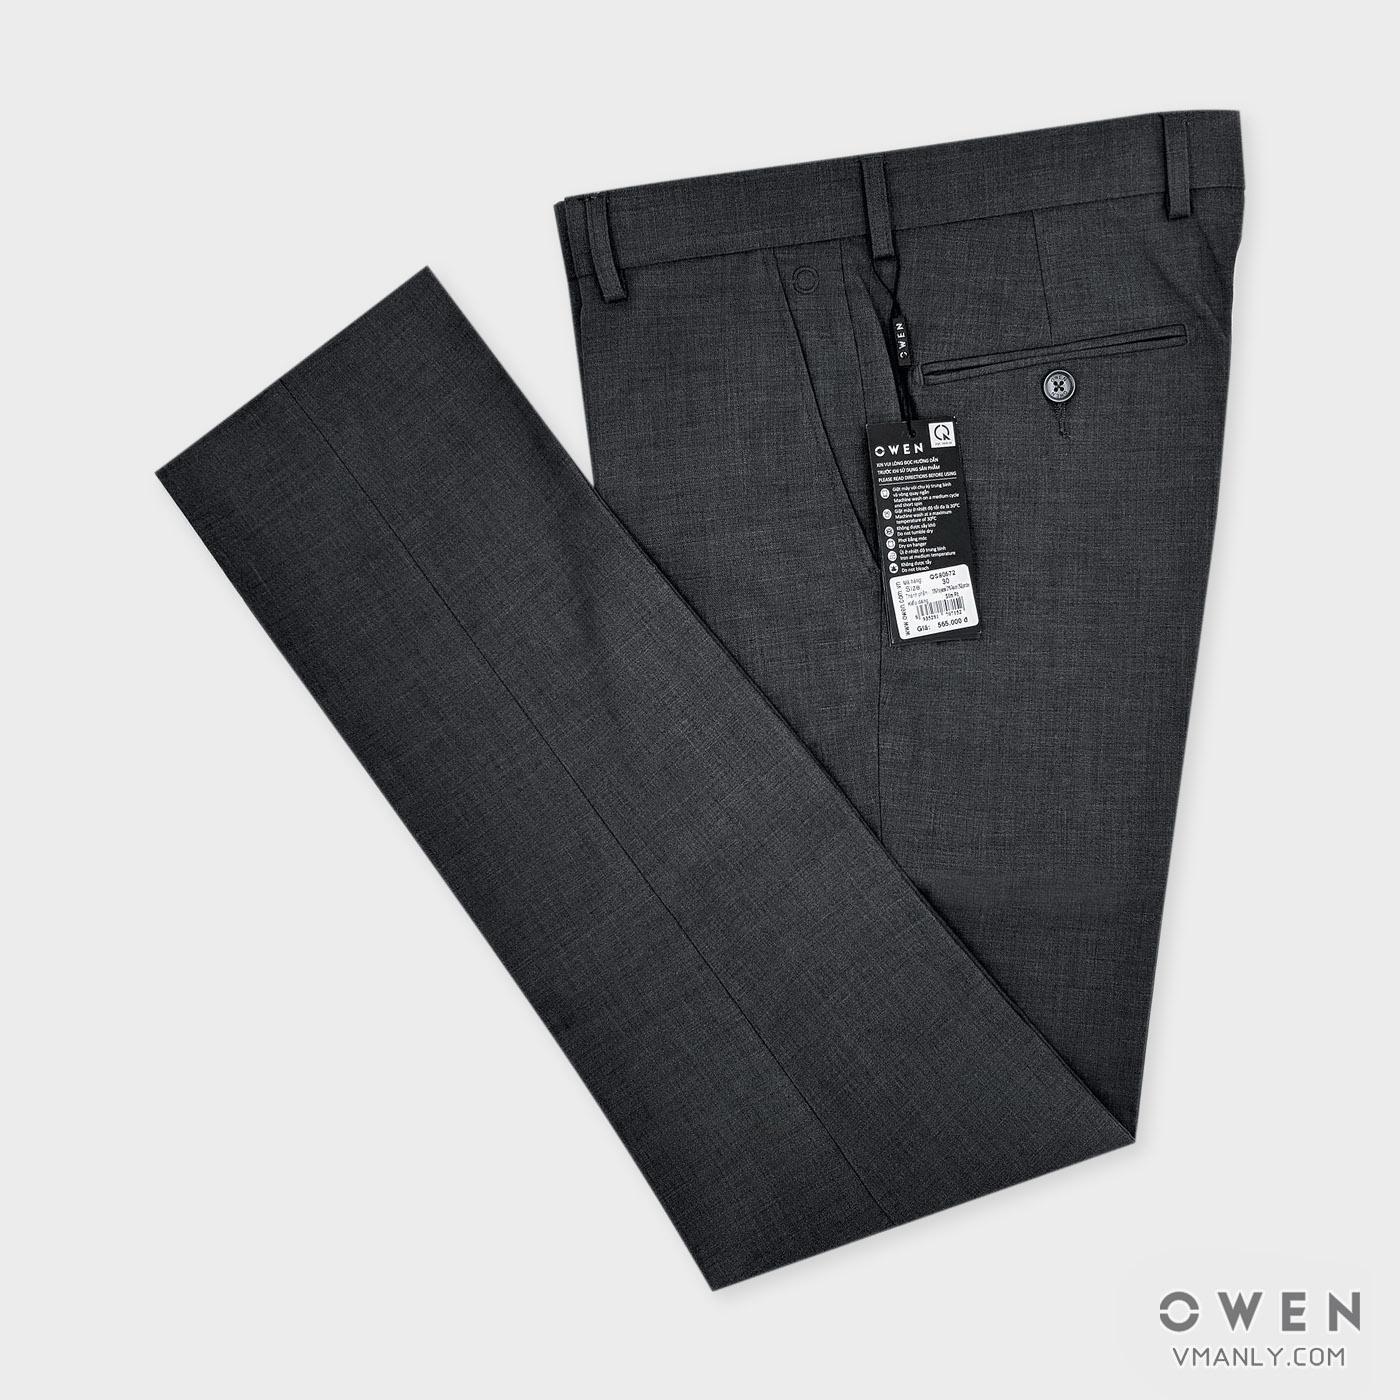 Quần tây Owen không li slimfit màu ghi lông chuột QS80572